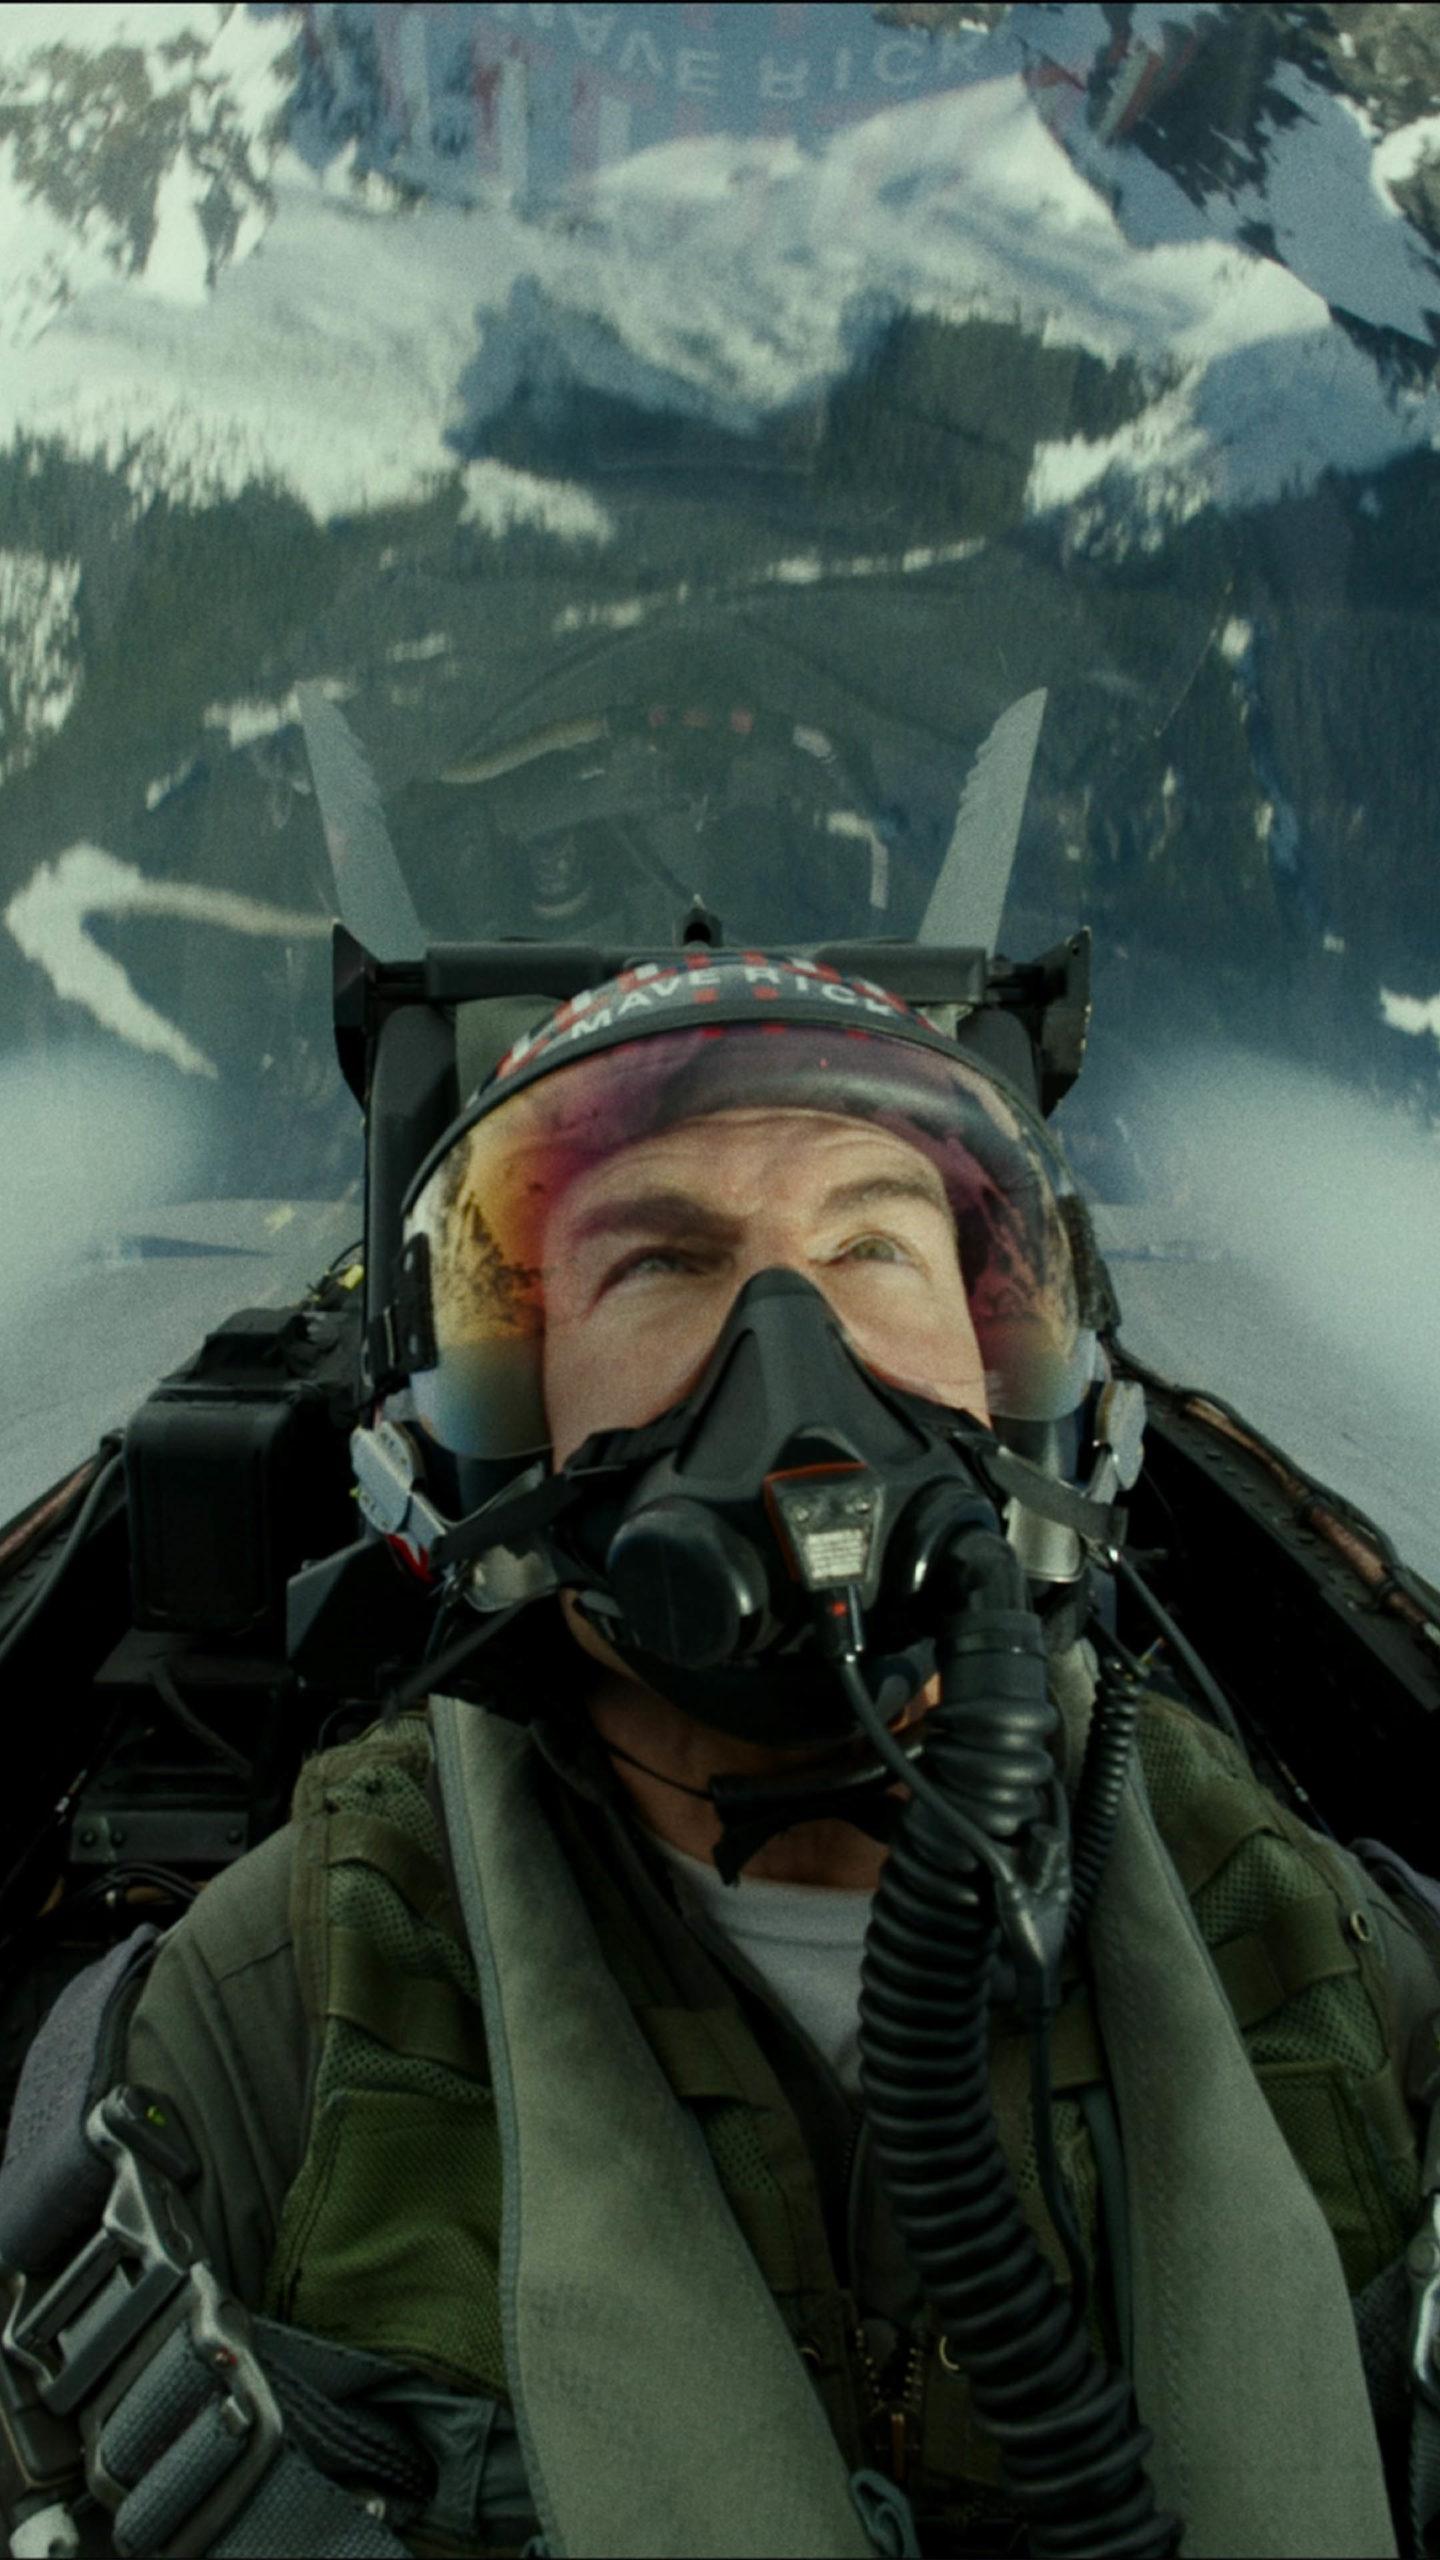 Top Gun Maverick Tom Cruise Jet Flight 4k Ultra Hd Top Gun 2 Meverick 1440x2560 Download Hd Wallpaper Wallpapertip